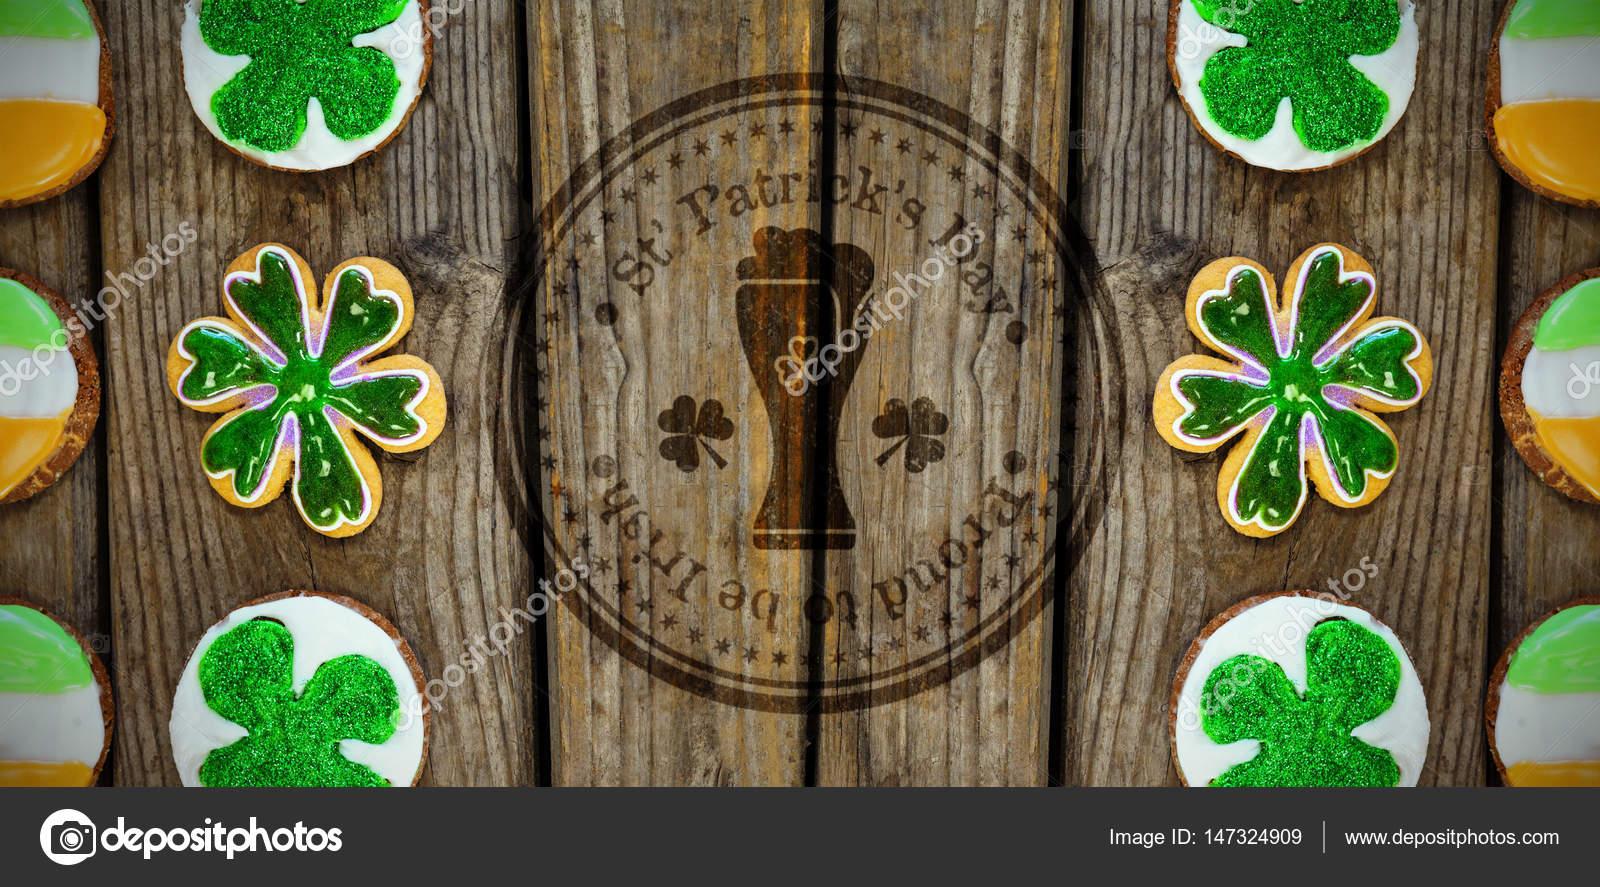 День святого Патрика Gallery: День Святого Патрика с символом стакан пива